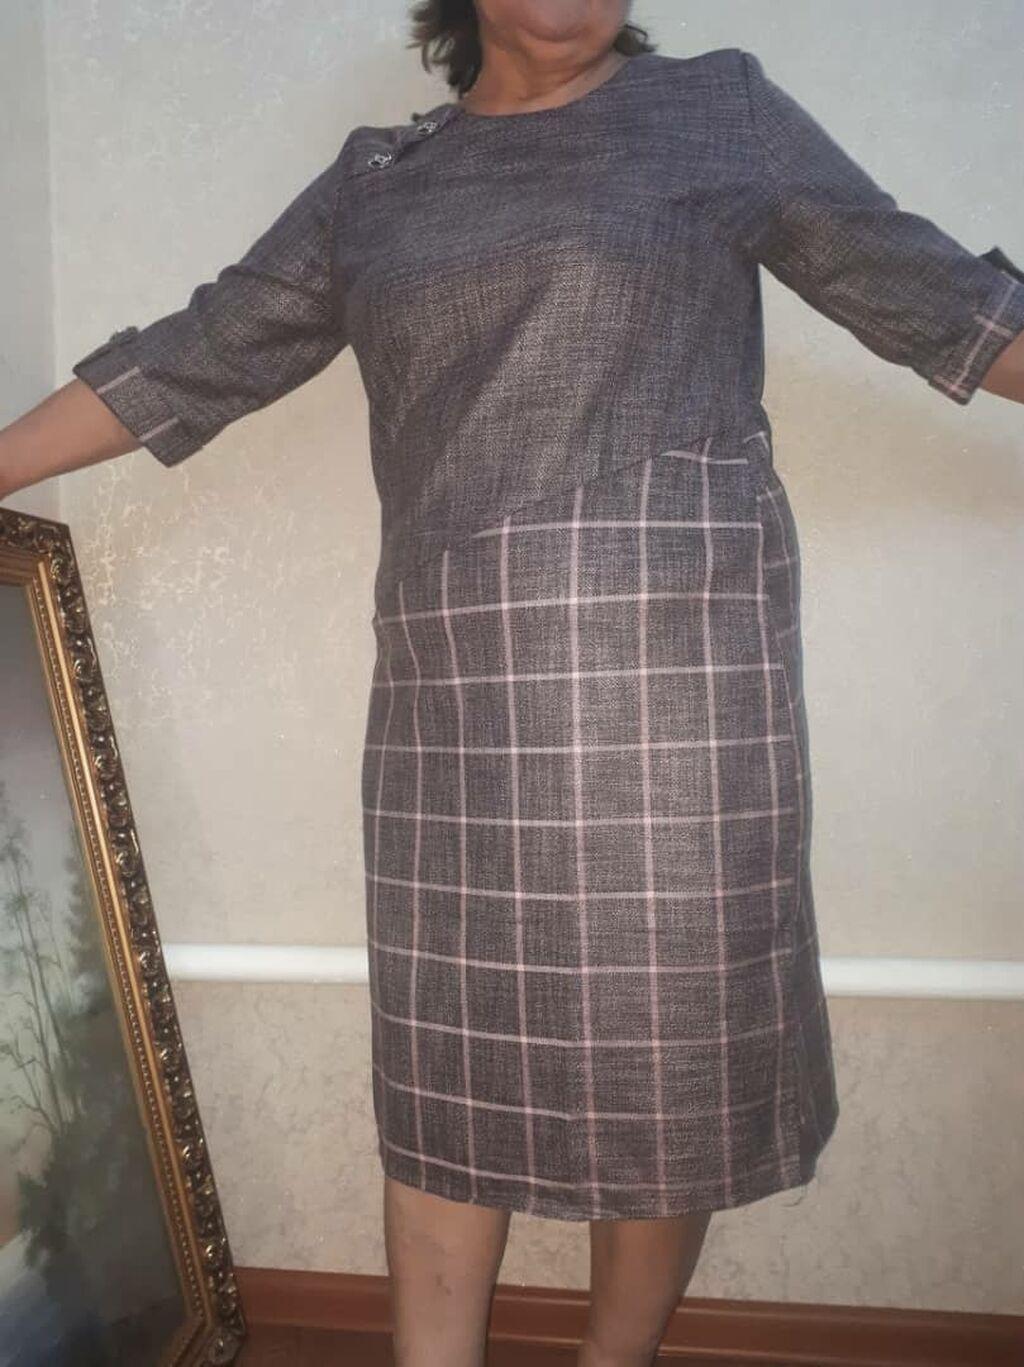 Платья размеры от 42-48, 48-54 Сшито качественно, материал турецкий: Платья размеры от 42-48, 48-54 Сшито качественно, материал турецкий